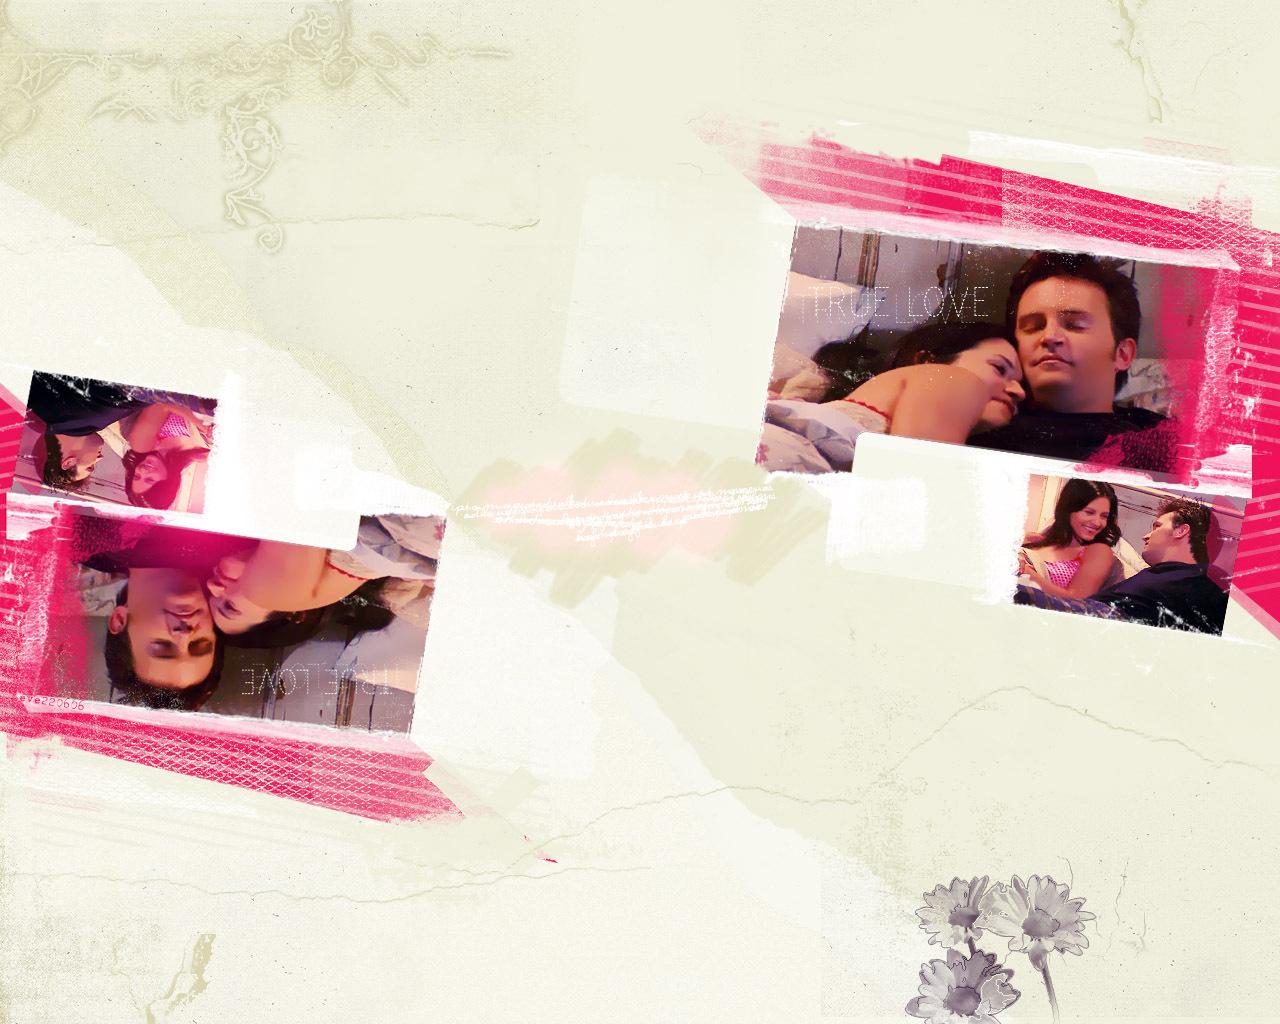 Monica & Chandler (Friends)